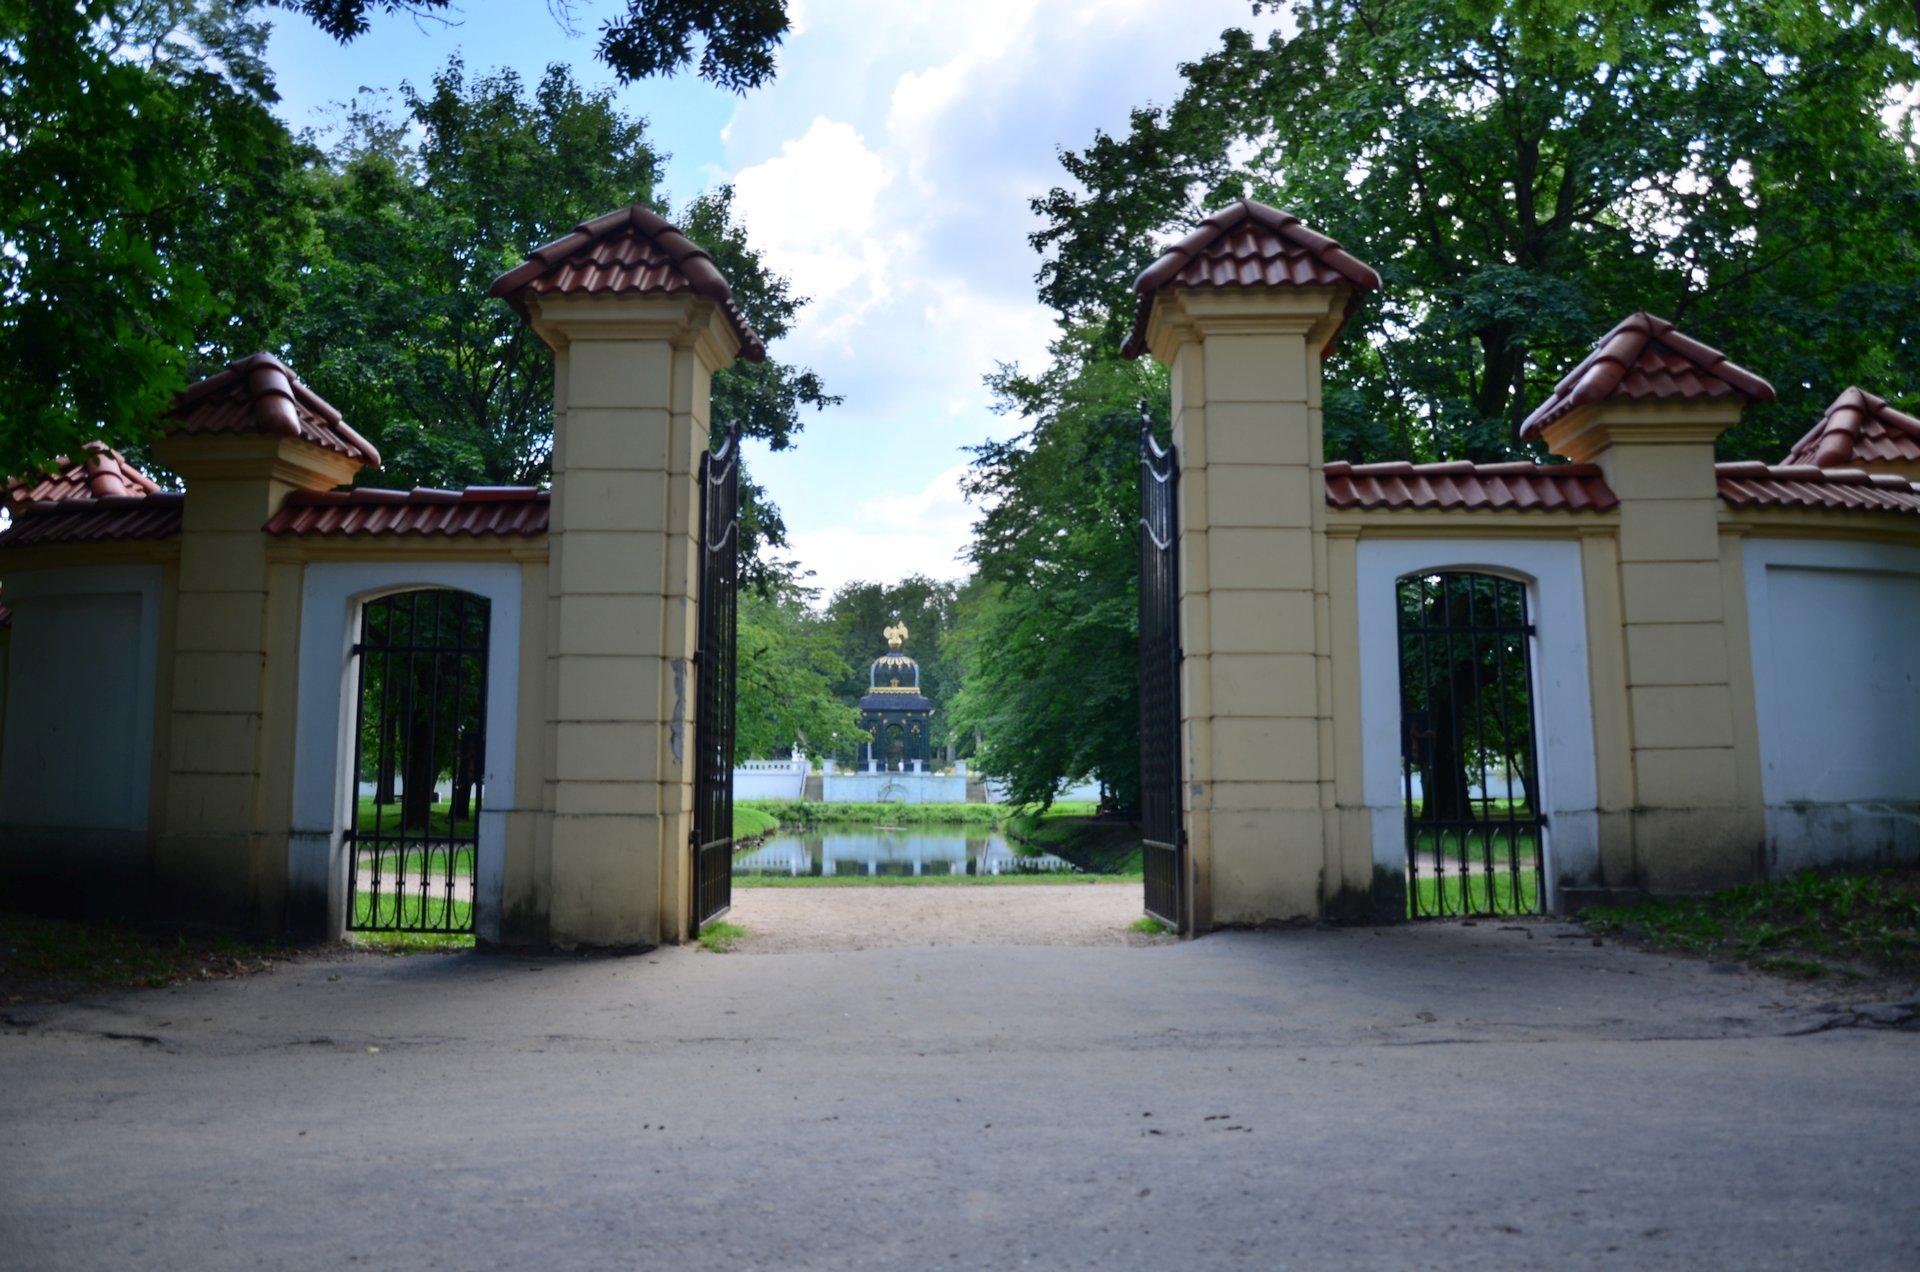 Białystok Pałac Branickich mur ogrodzenie bramafree photo darmowe zdjęcie